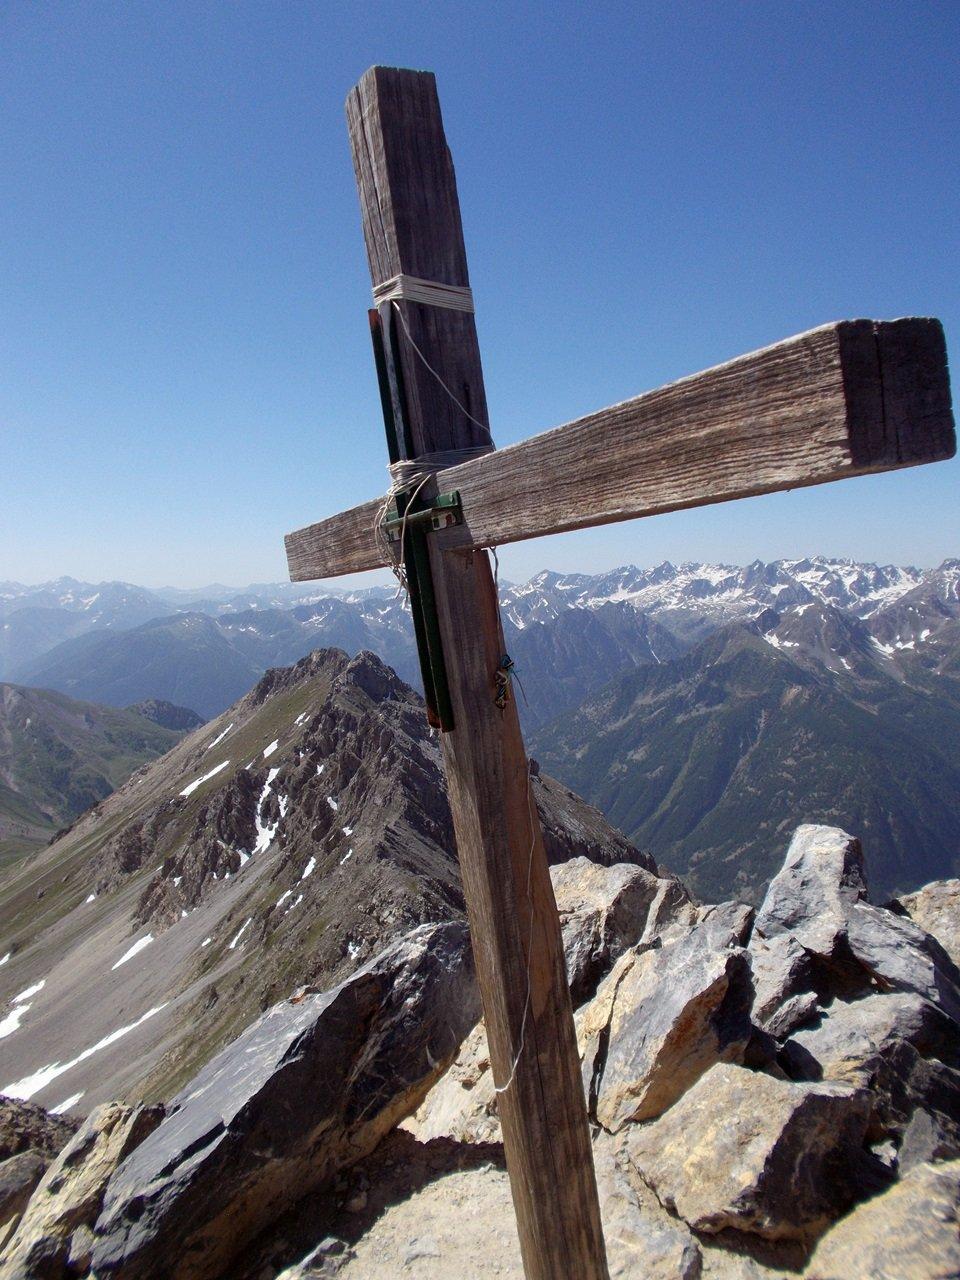 la croce di legno sulla cima